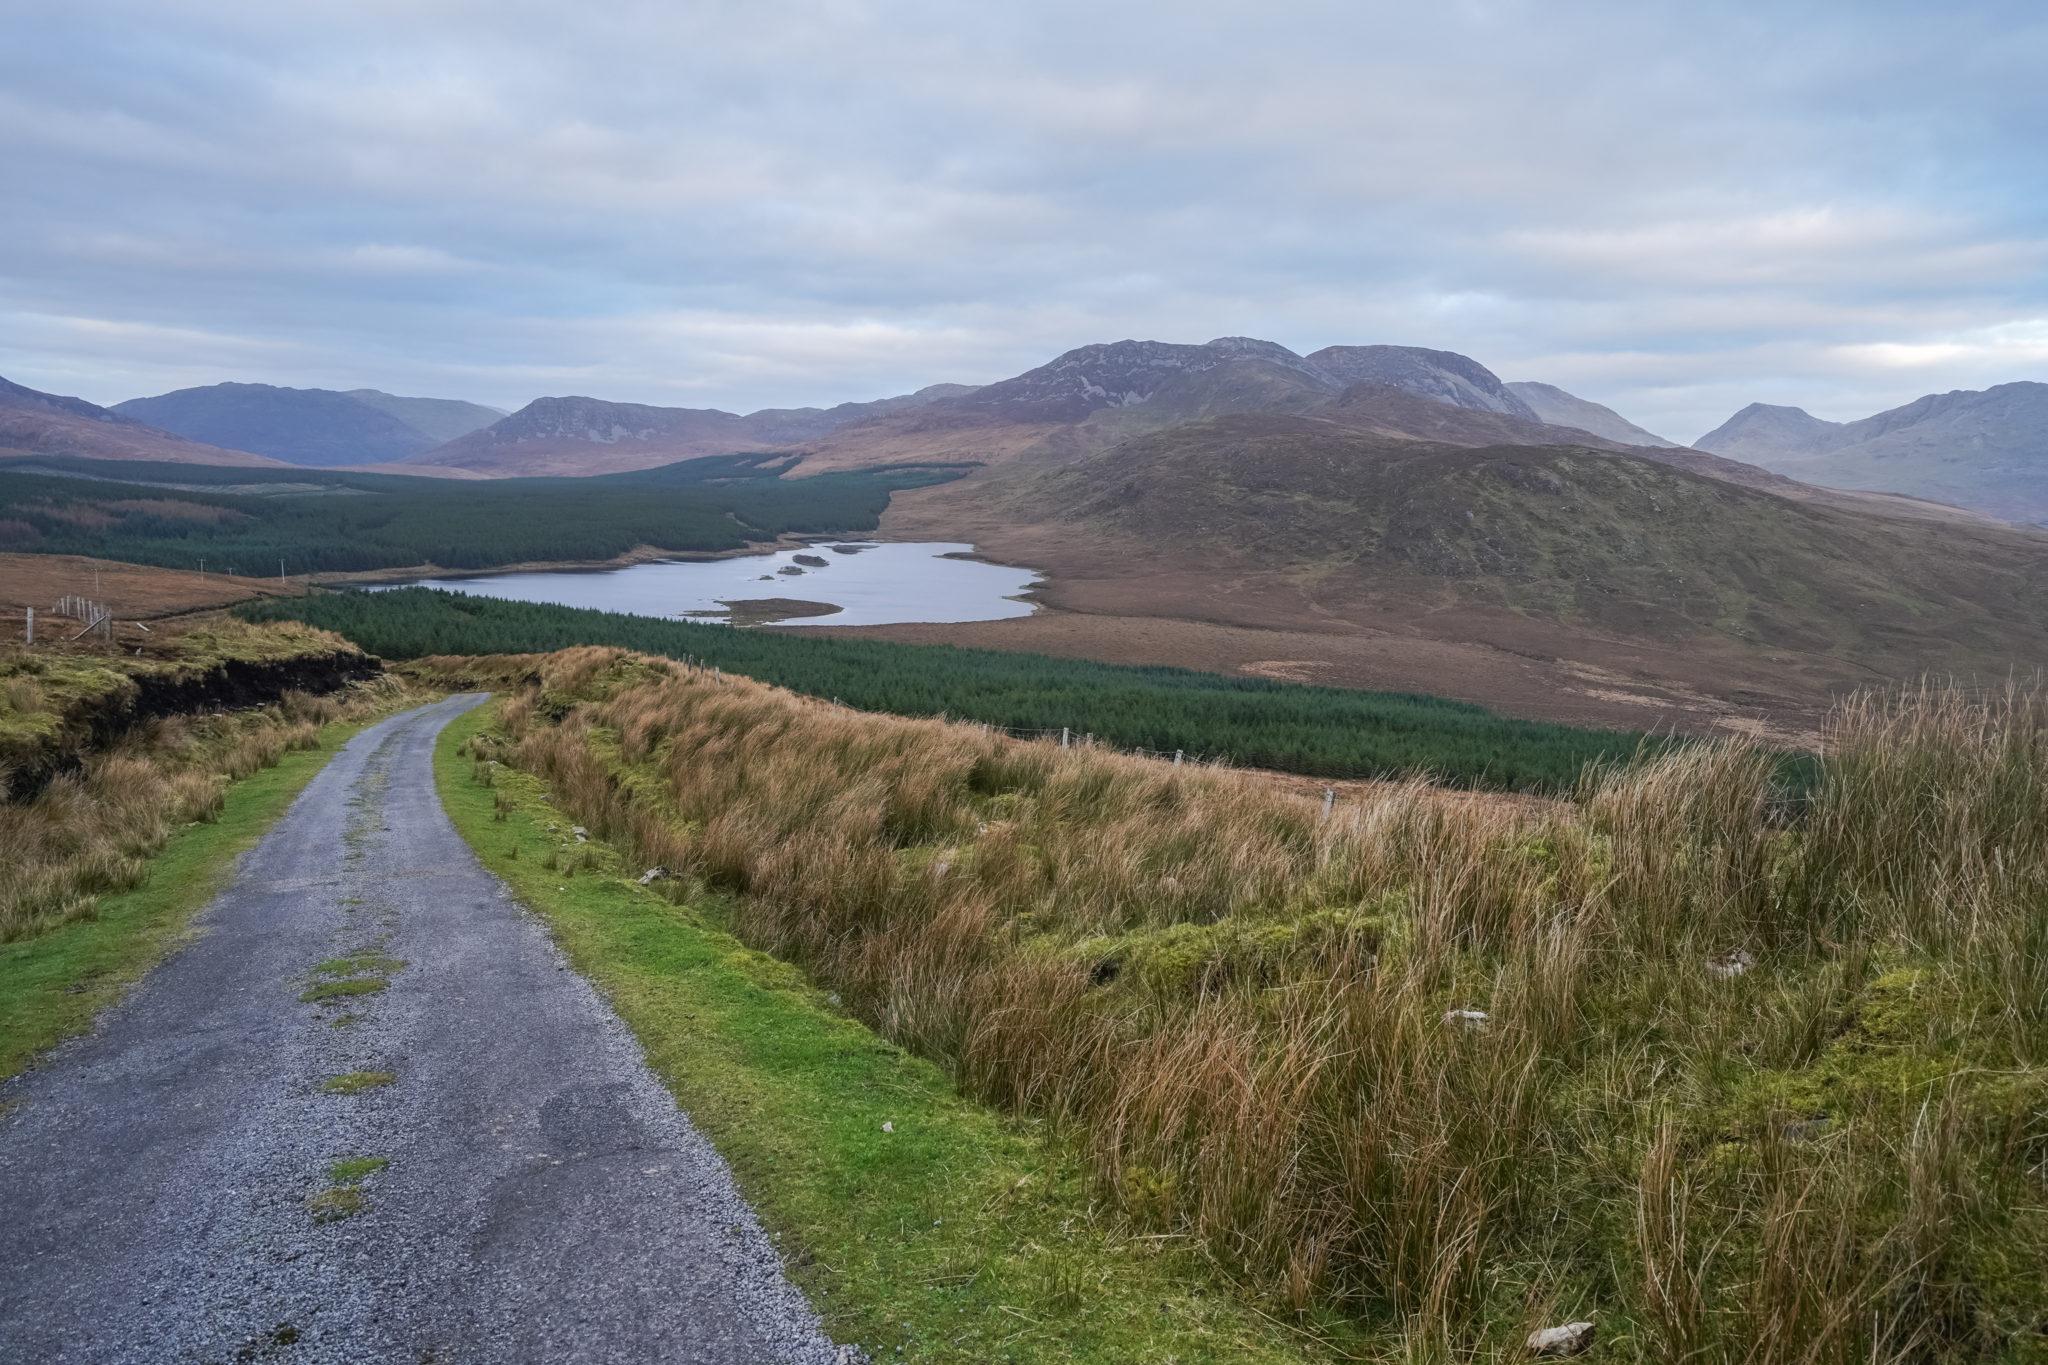 connemara-irlande-road-trip-vue-lac